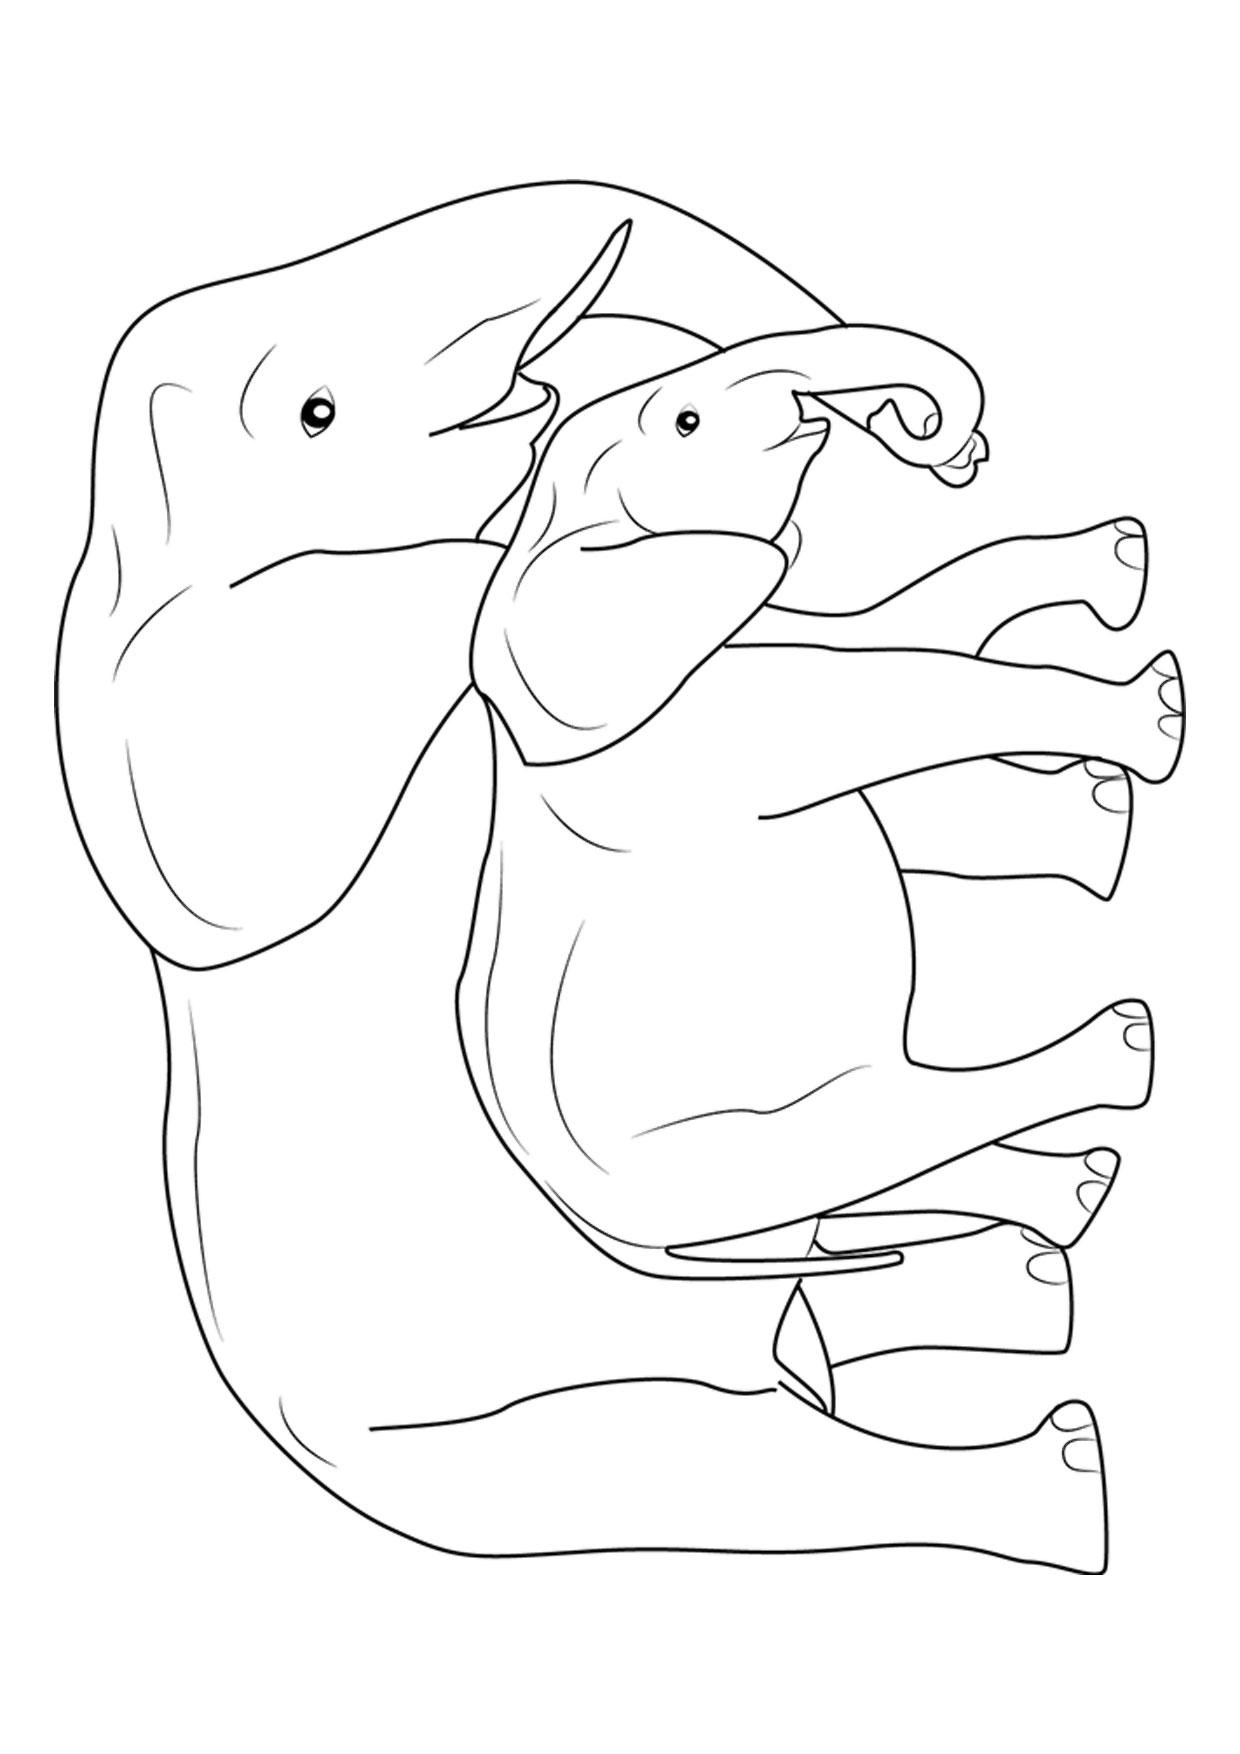 Disegno di elefanti da colorare 09